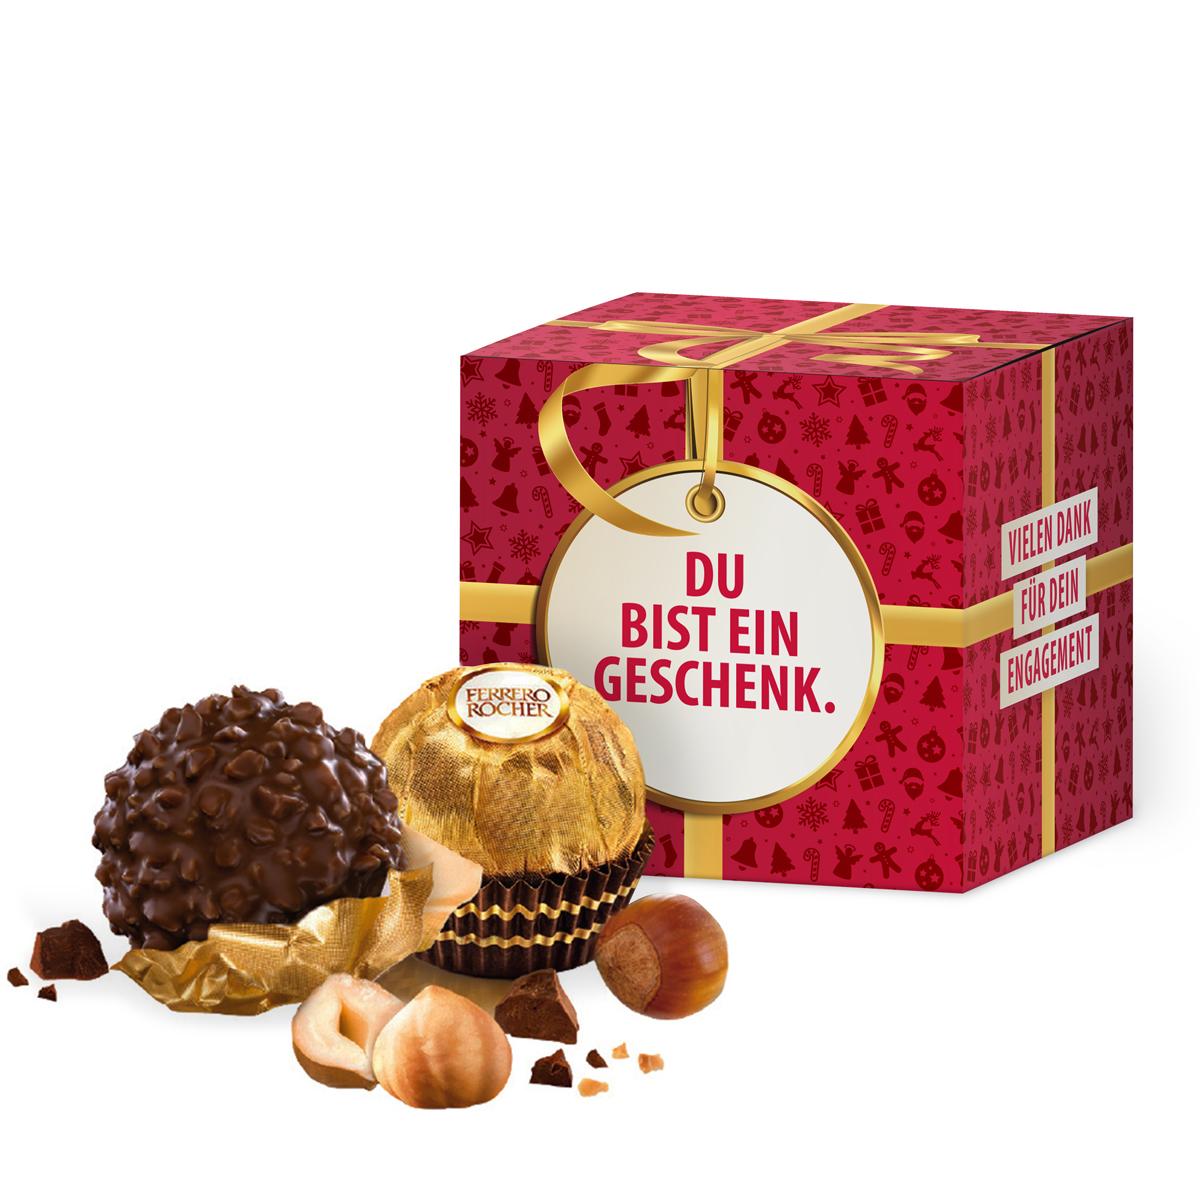 Du bist ein Geschenk - Ferrero Rocher